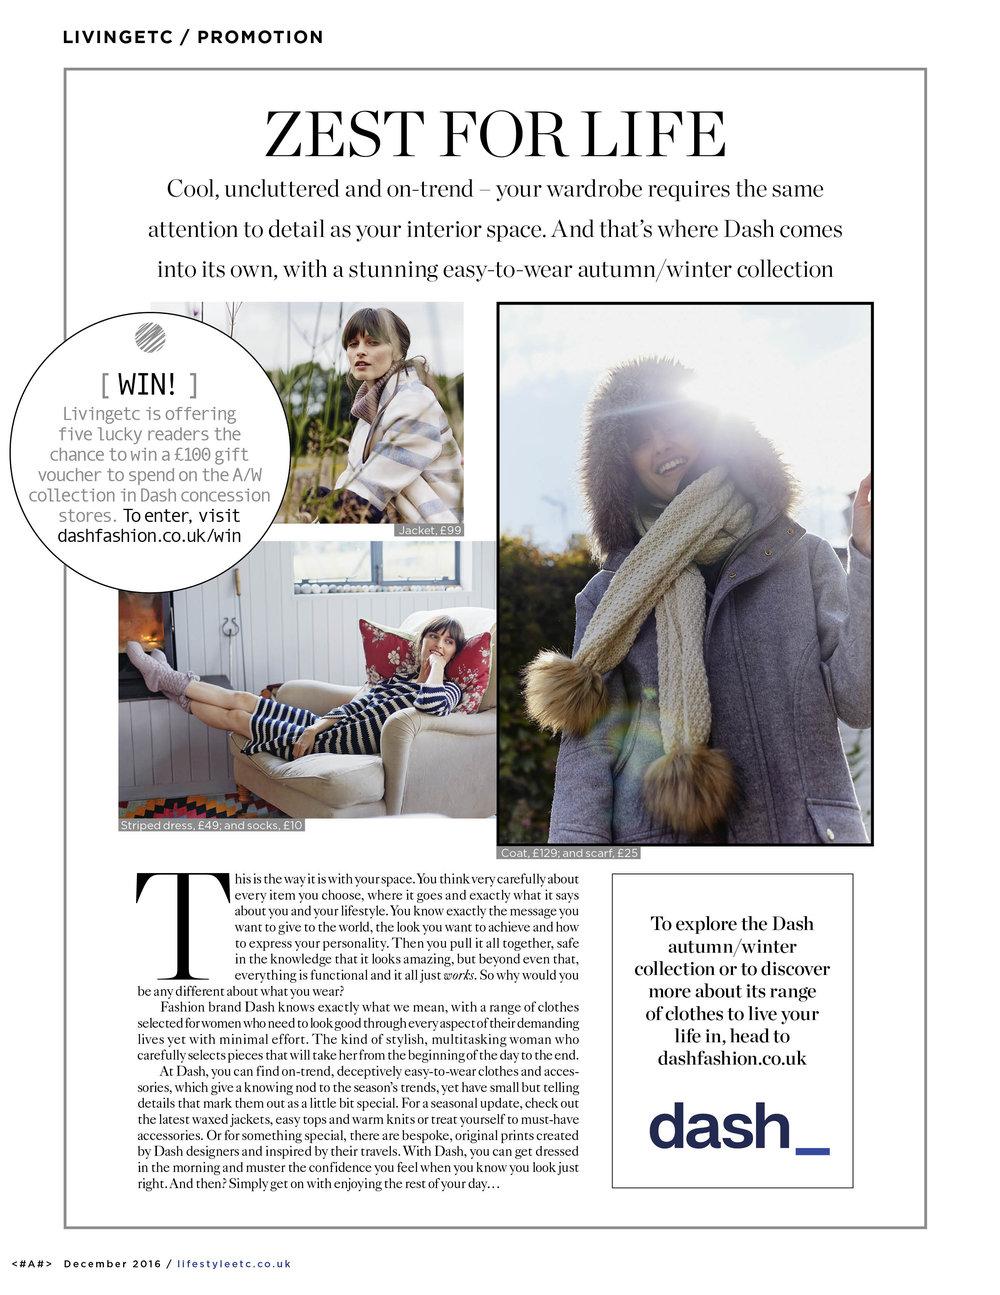 Dash.com